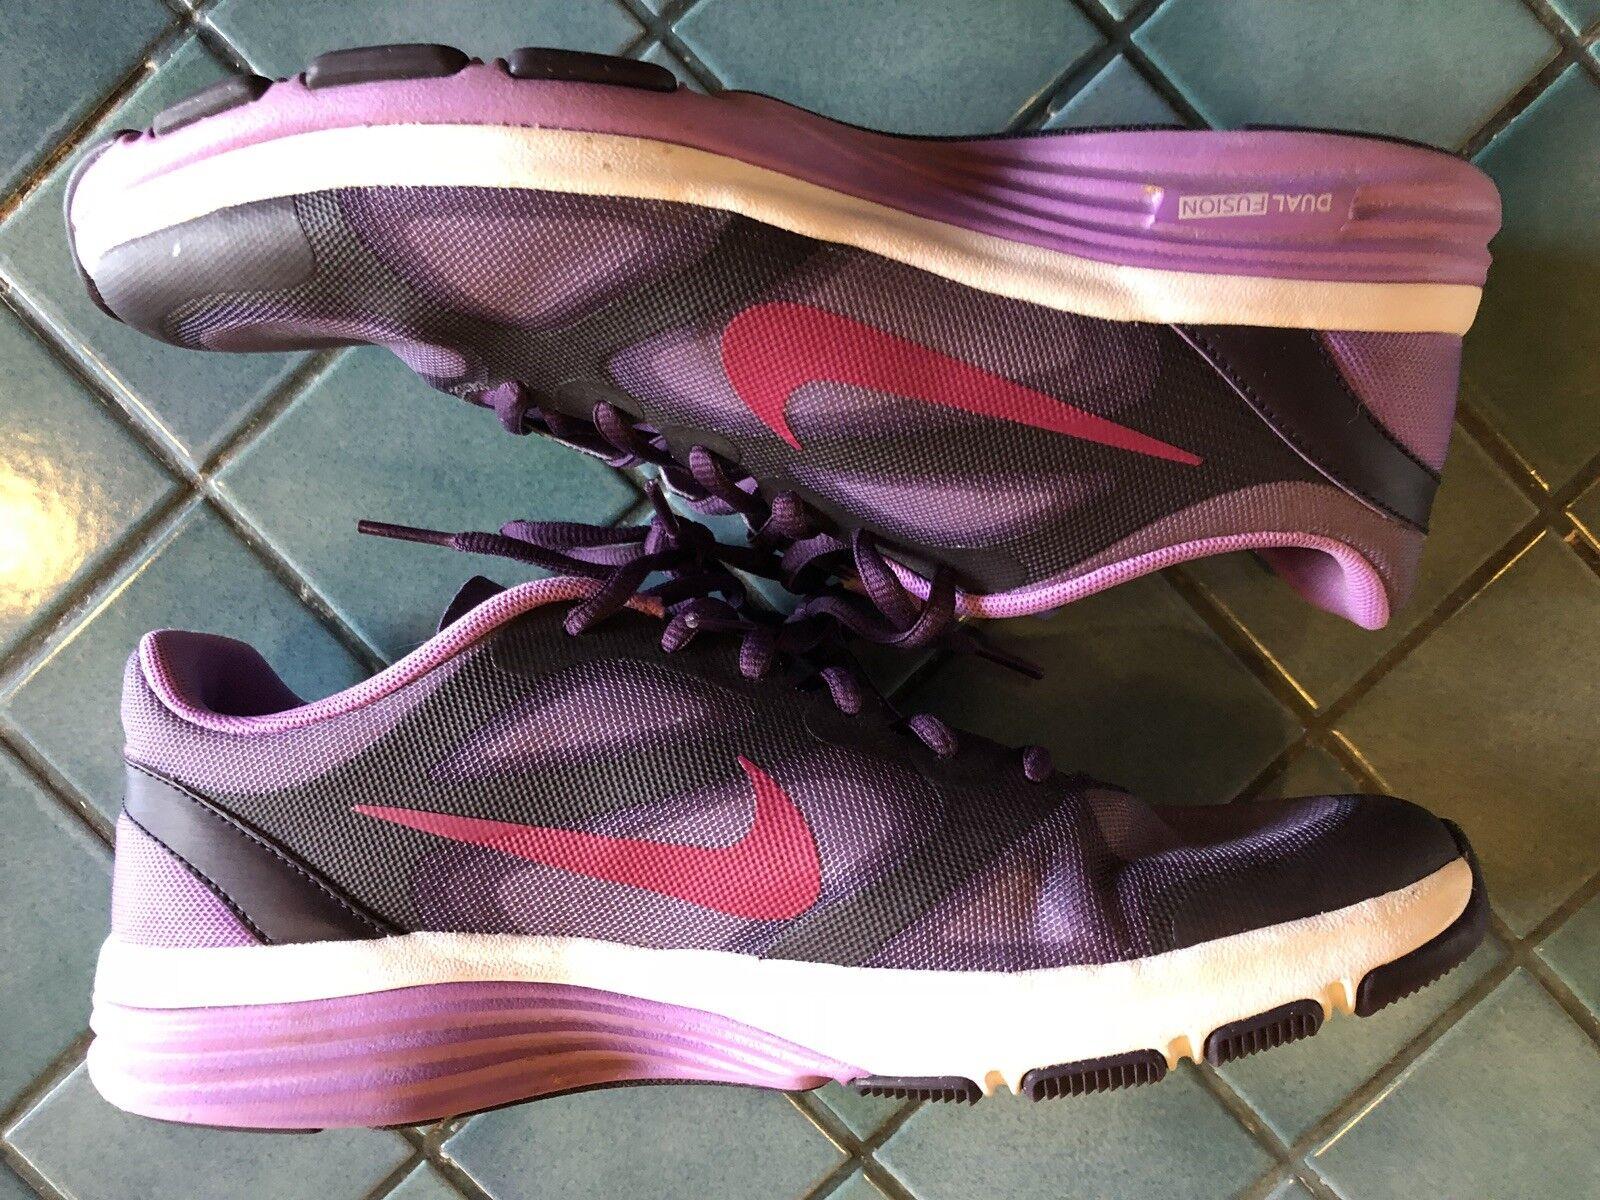 donne doppia fusione tr in scarpe da ginnastica le le le scarpe nike sz 9 viola / rosa 443837 500 | Discount  | Uomini/Donne Scarpa  7d156b